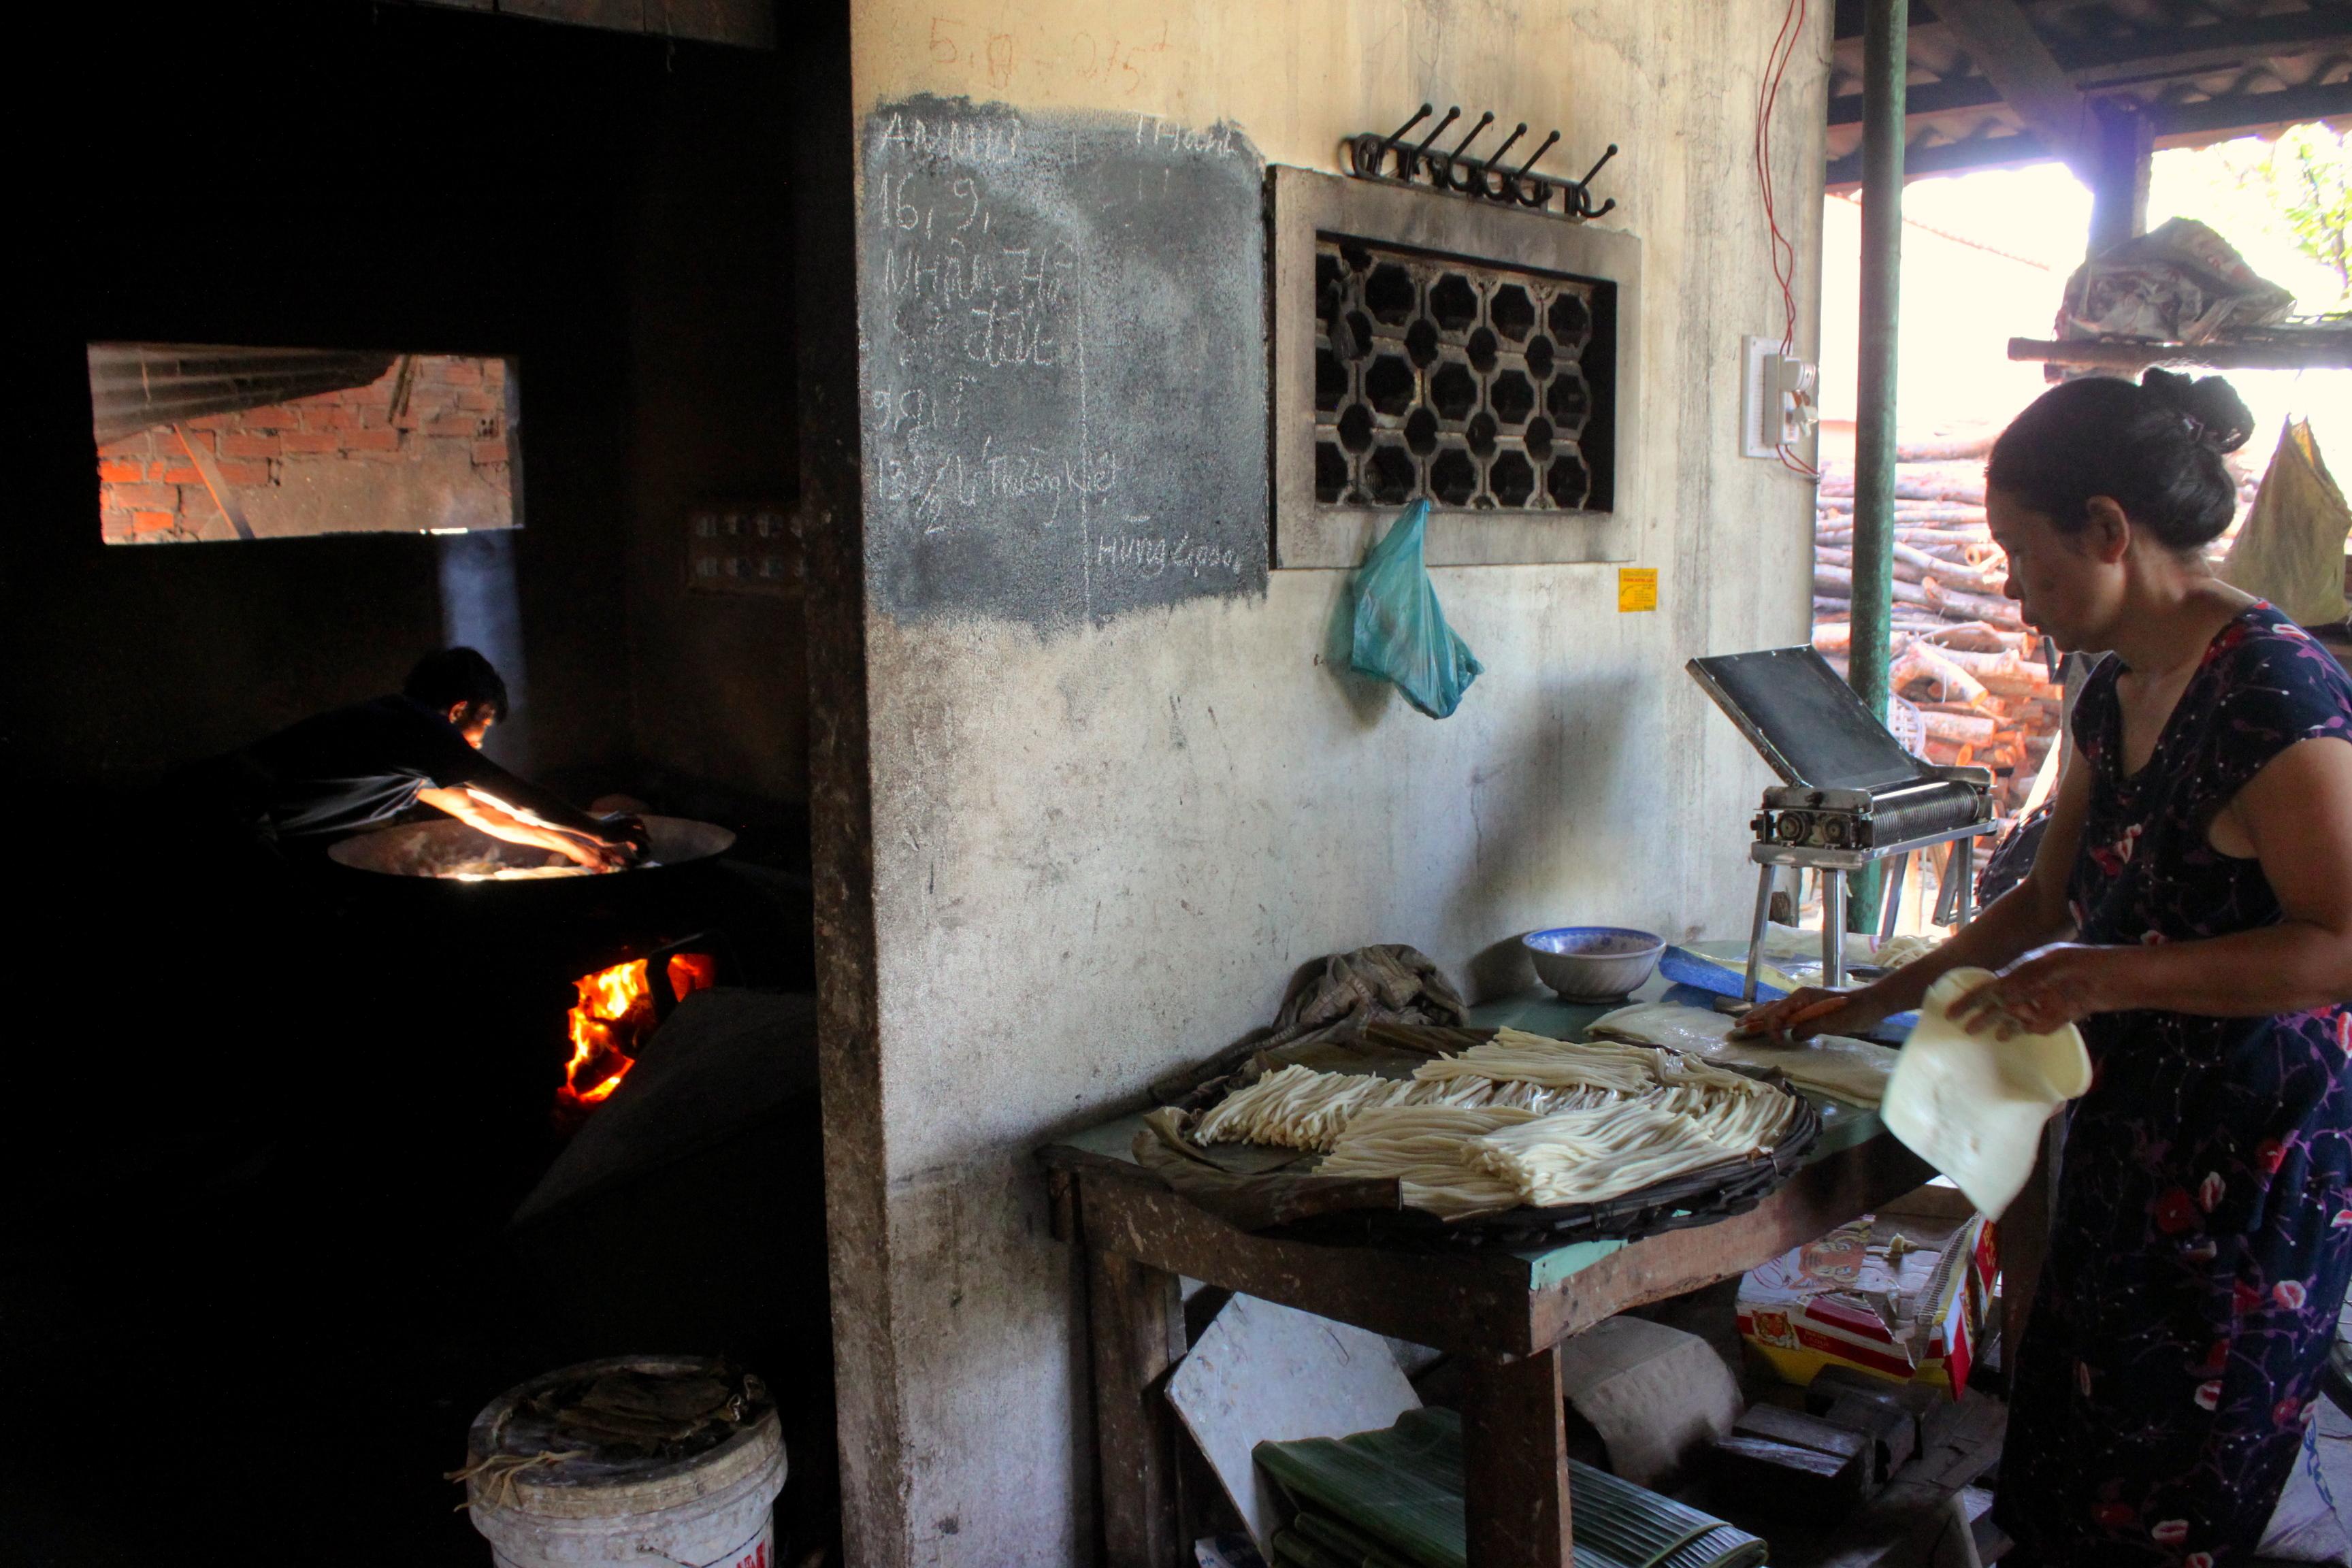 Noodles fatti a mano, parte 2